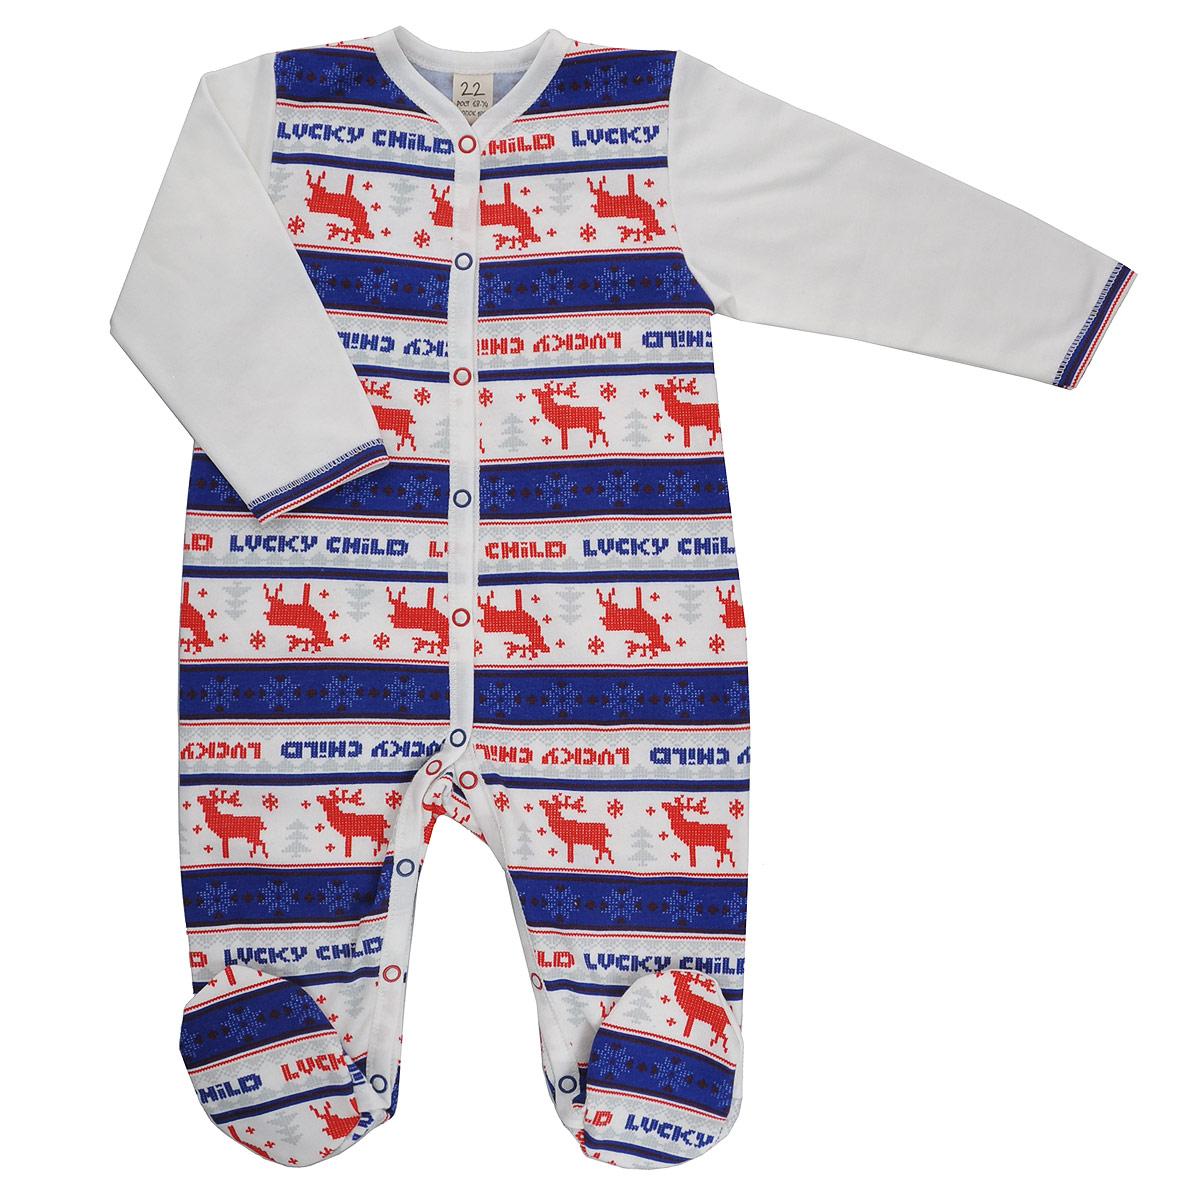 Комбинезон детский Скандинавия. 10-1_футер10-1_футерДетский комбинезон Lucky Child Скандинавия - очень удобный и практичный вид одежды для малышей. Комбинезон выполнен из теплого футера - натурального хлопка, благодаря чему он необычайно мягкий и приятный на ощупь, не раздражает нежную кожу ребенка и хорошо вентилируется, а эластичные швы приятны телу малыша и не препятствуют его движениям. Комбинезон с длинными рукавами и закрытыми ножками имеет застежки-кнопки от горловины до щиколоток, которые помогают легко переодеть младенца или сменить подгузник. Оформлена модель модным скандинавским принтом. С детским комбинезоном Lucky Child спинка и ножки вашего малыша всегда будут в тепле, он идеален для использования днем и незаменим ночью. Комбинезон полностью соответствует особенностям жизни младенца в ранний период, не стесняя и не ограничивая его в движениях!